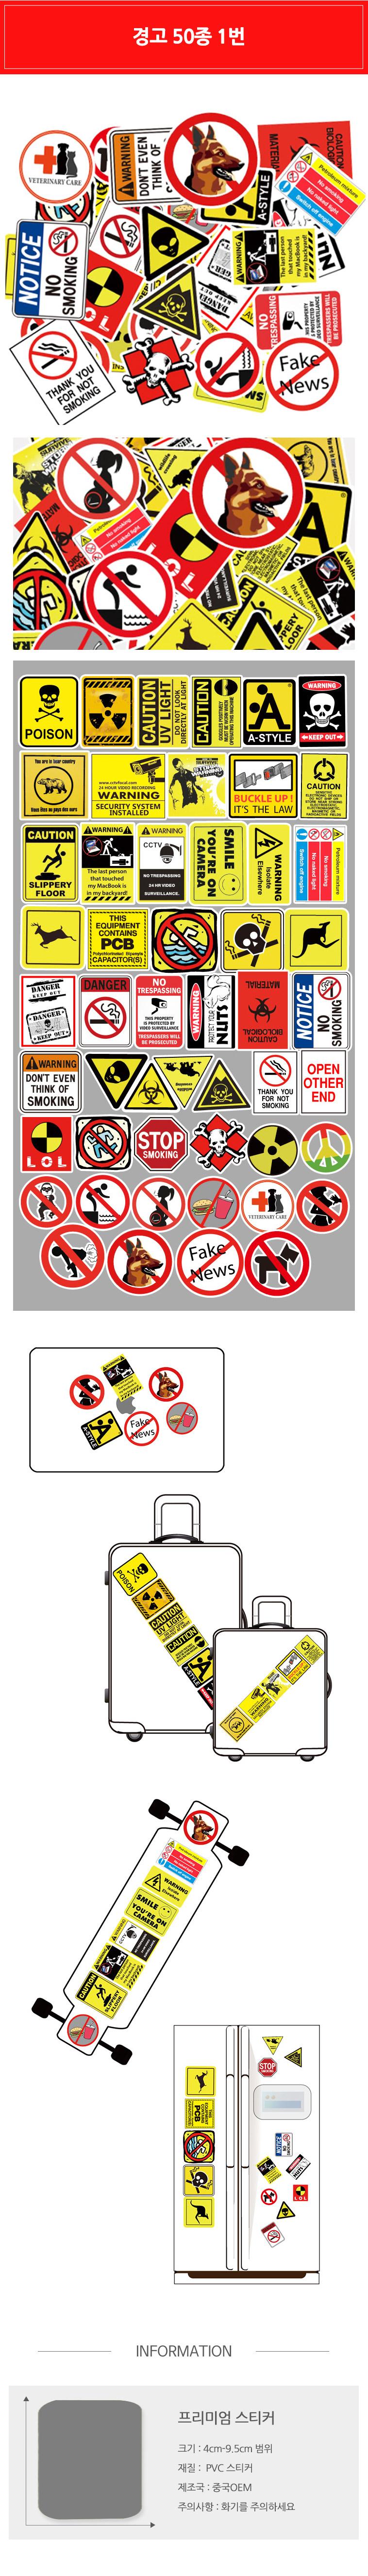 경고50종1번 프리미엄 캐리어 노트북 방수 데코스티커 - 나와또, 10,900원, 보호커버/스티커, 스티커